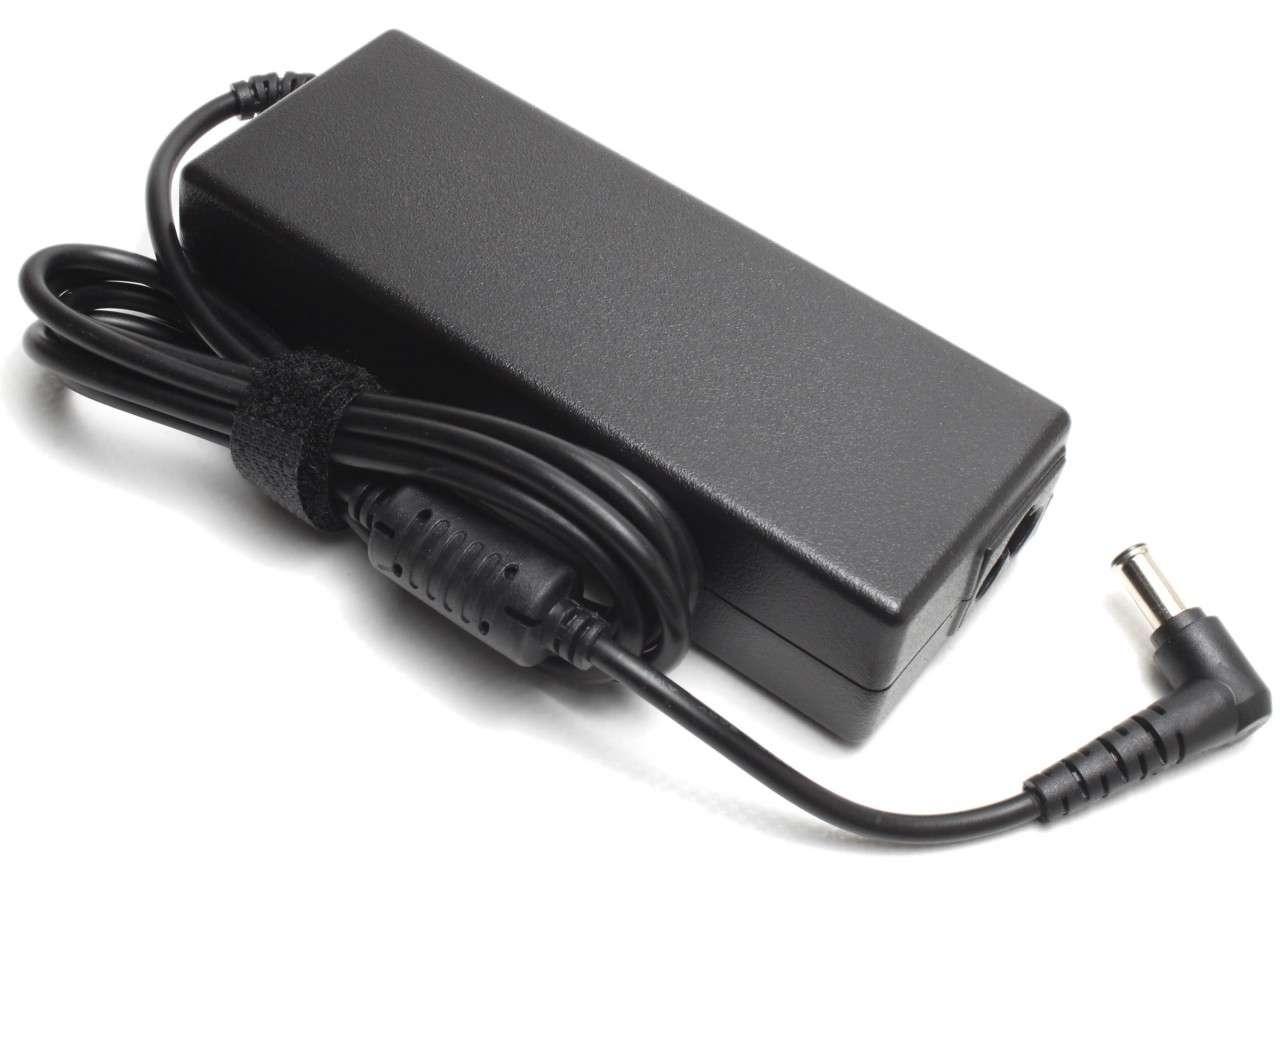 Incarcator Sony Vaio VPCEB3FGX Replacement imagine powerlaptop.ro 2021